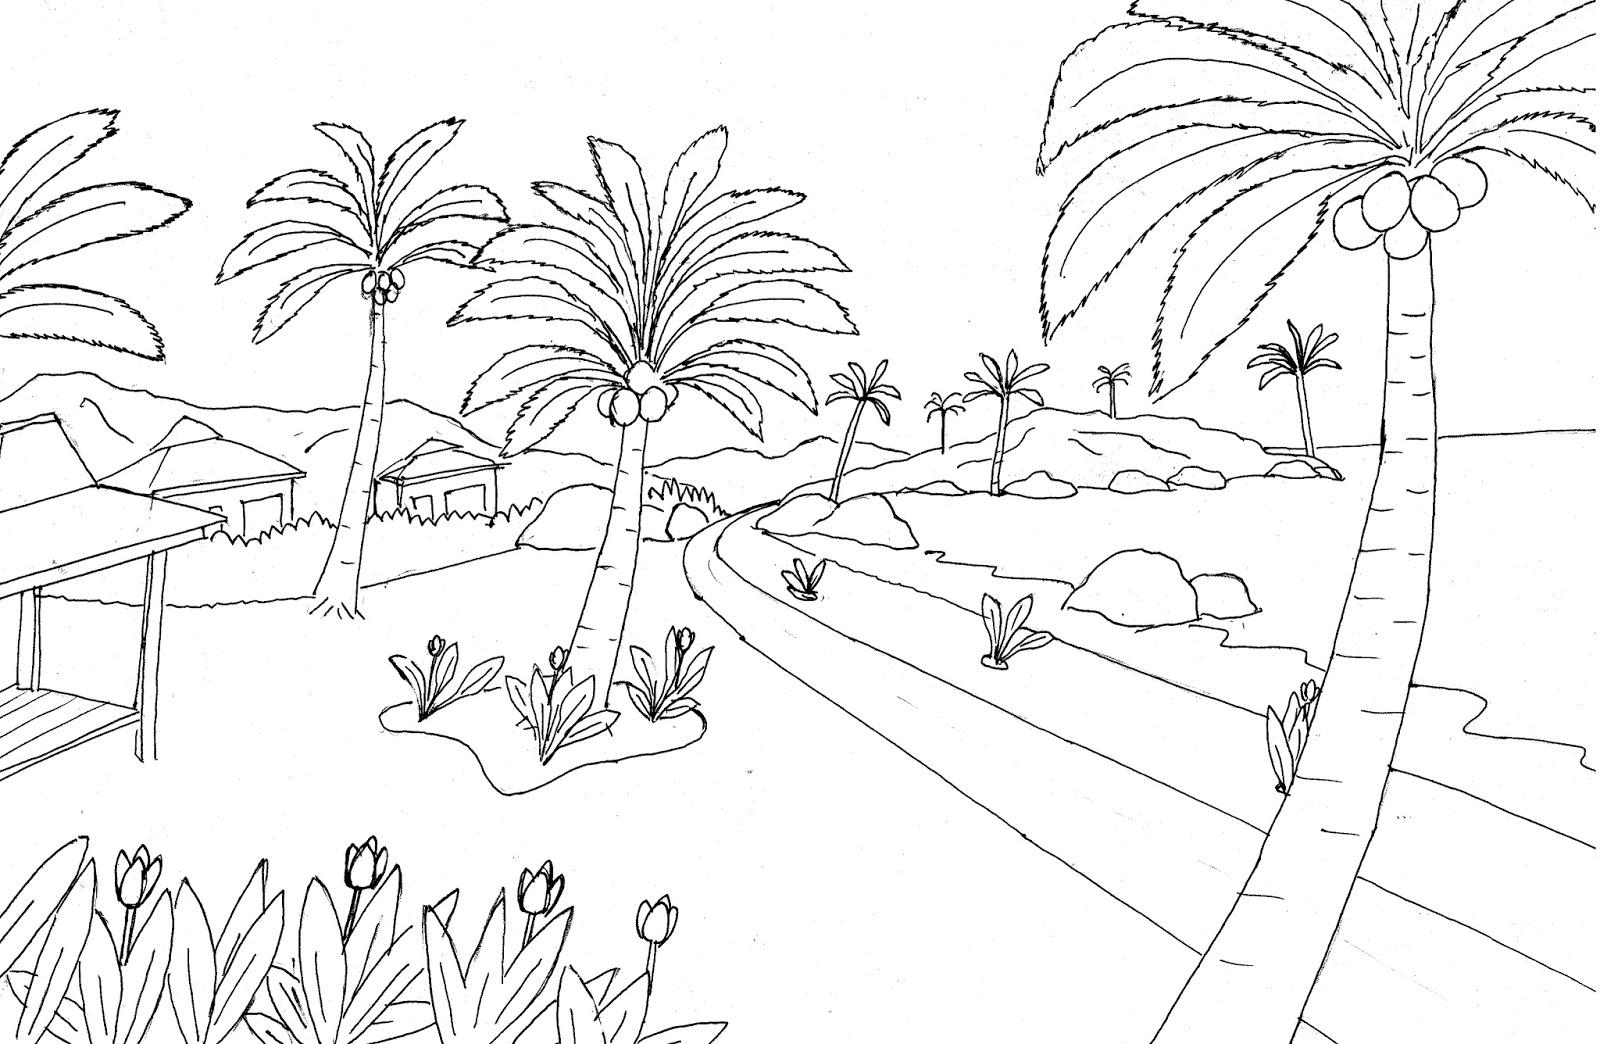 Gambar mewarnai pemandangan pantai gunung dan pohon kelapa Colouring Beach View